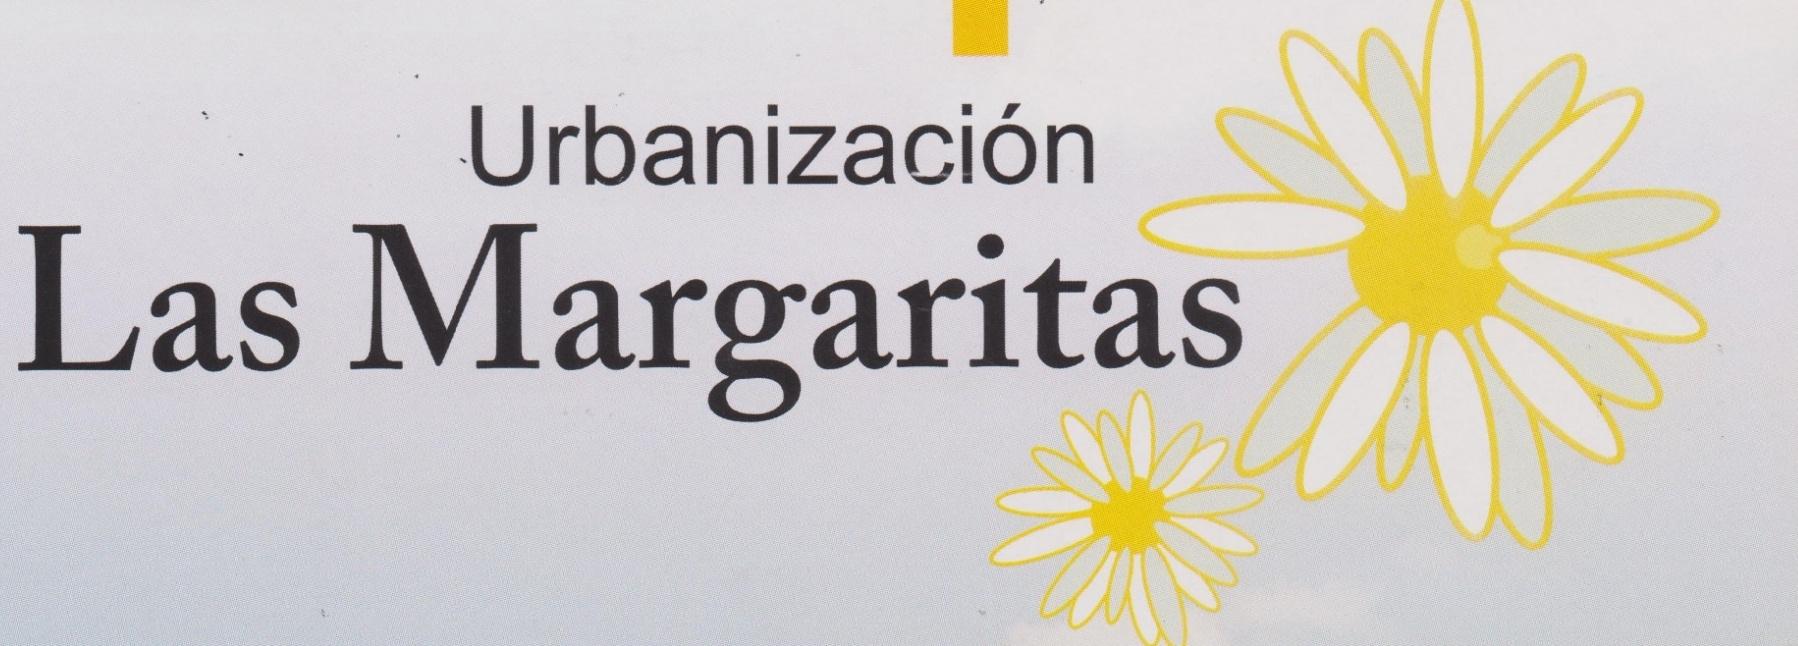 Proyecto Urbanizacion Las Margaritas